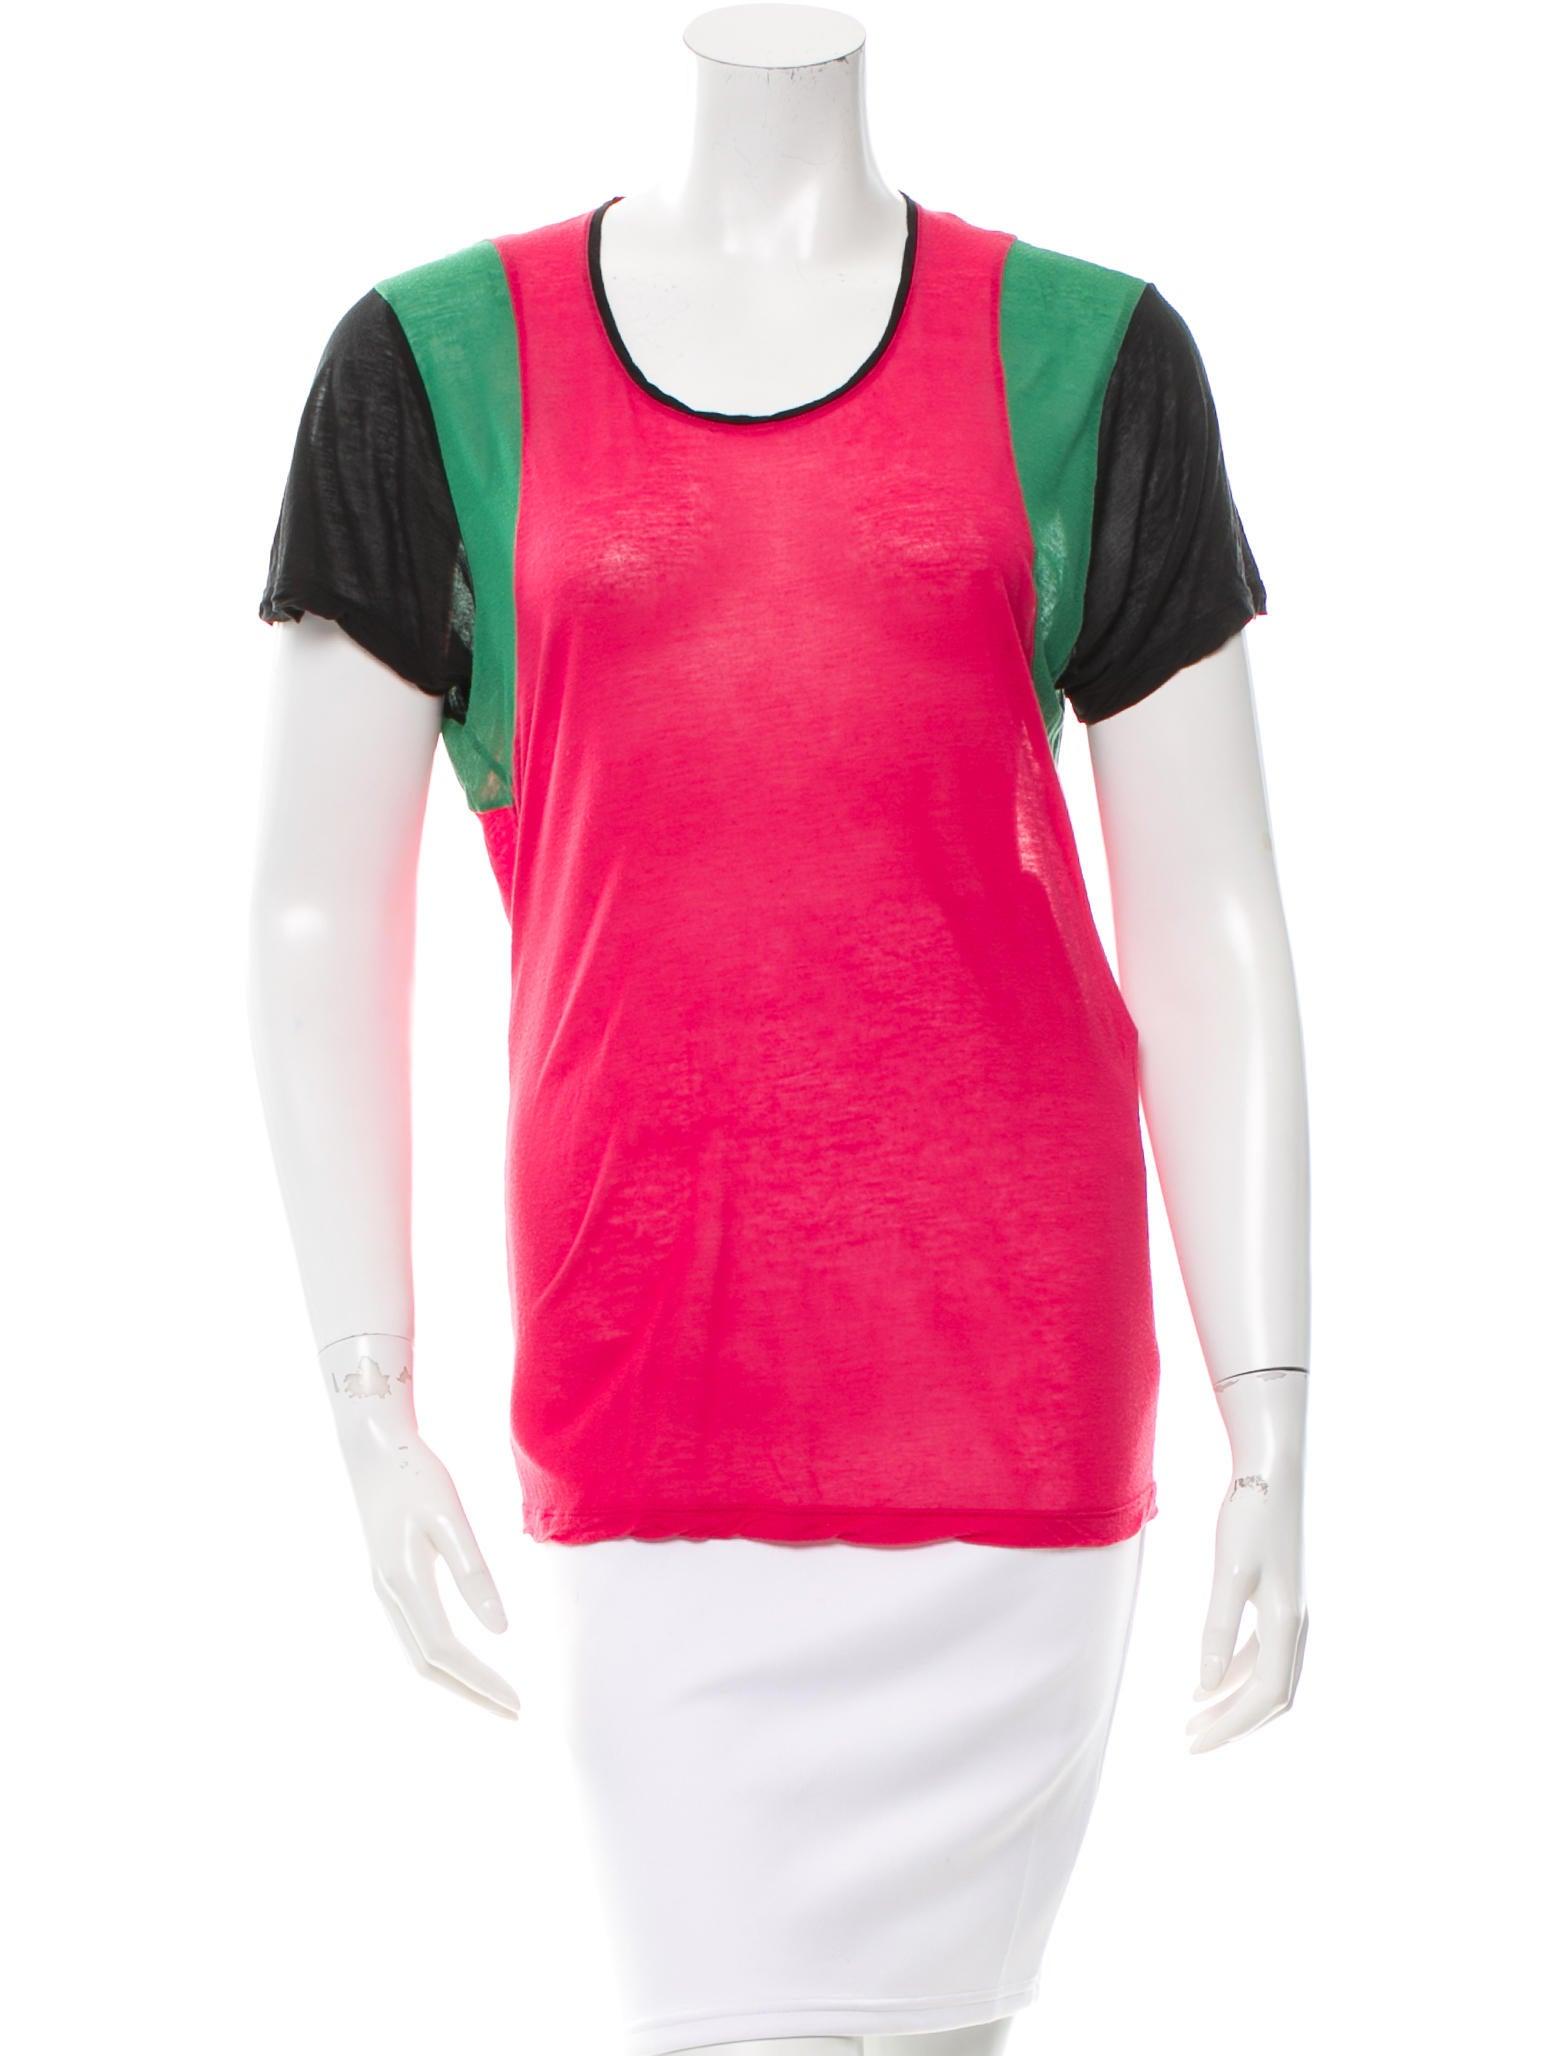 Balenciaga Tri Color Crew Neck T Shirt Clothing